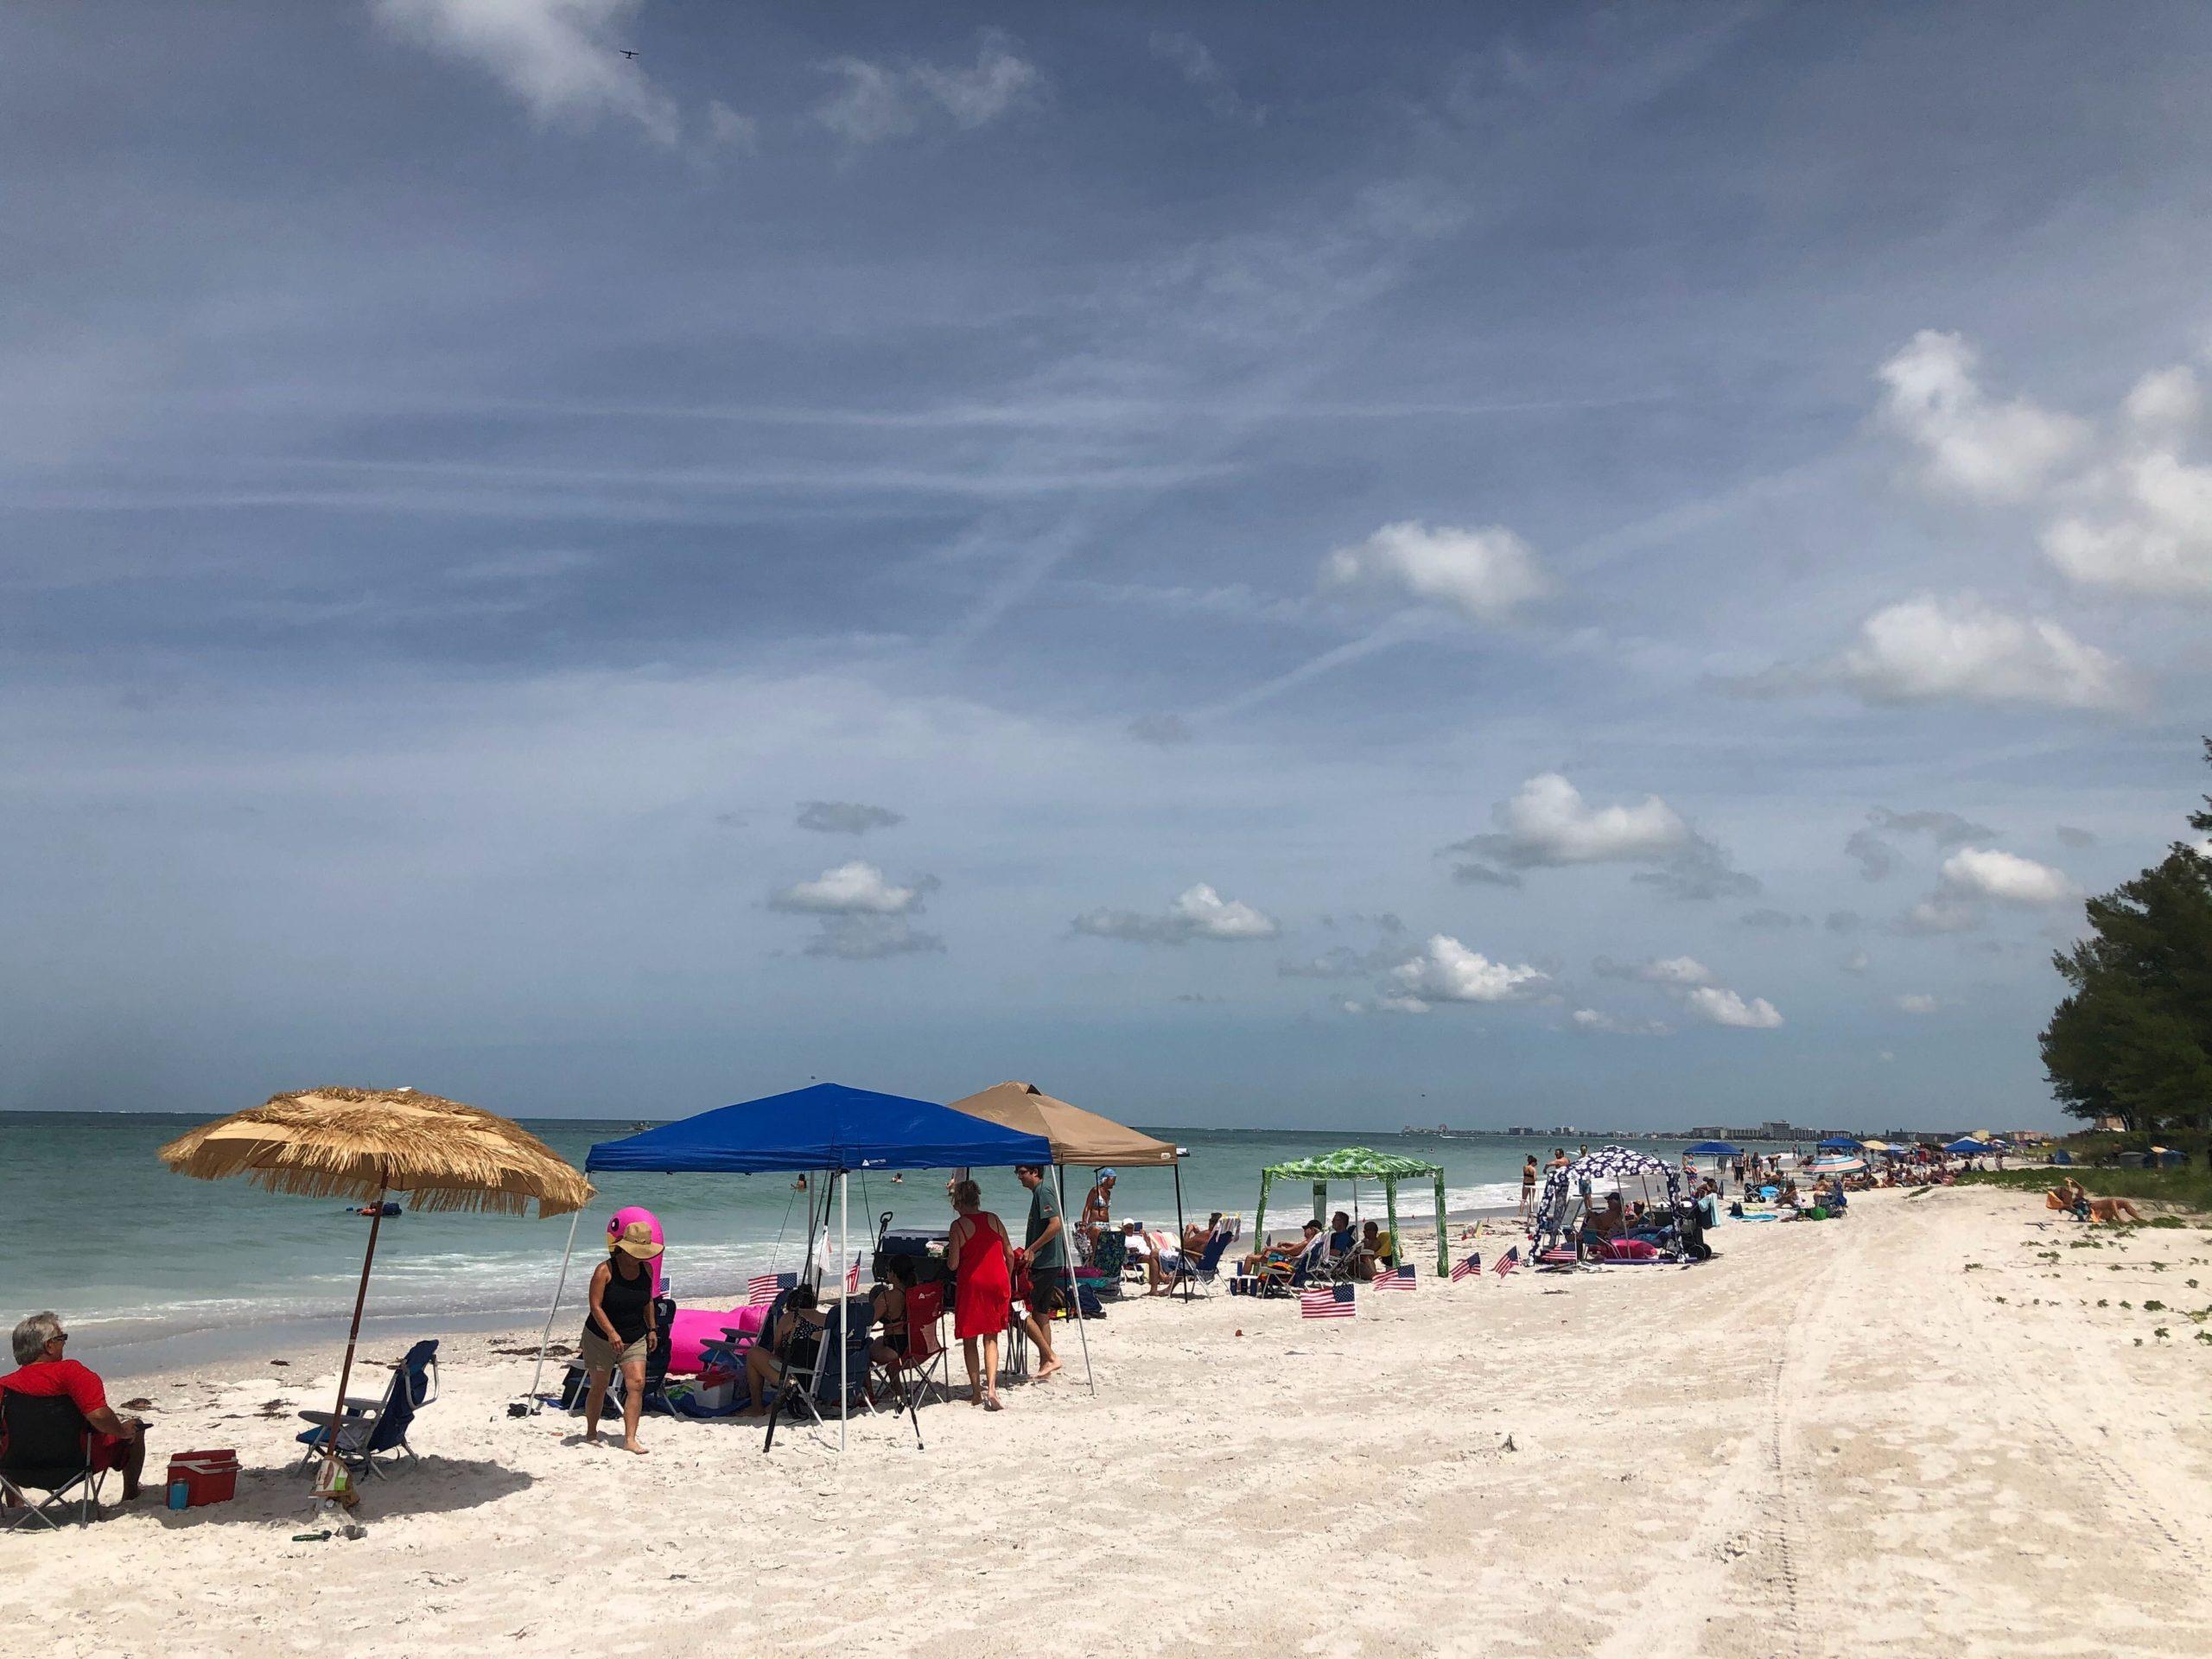 Do shkoni në plazh këtë fundjavë? Moti ka surpriza të dielën